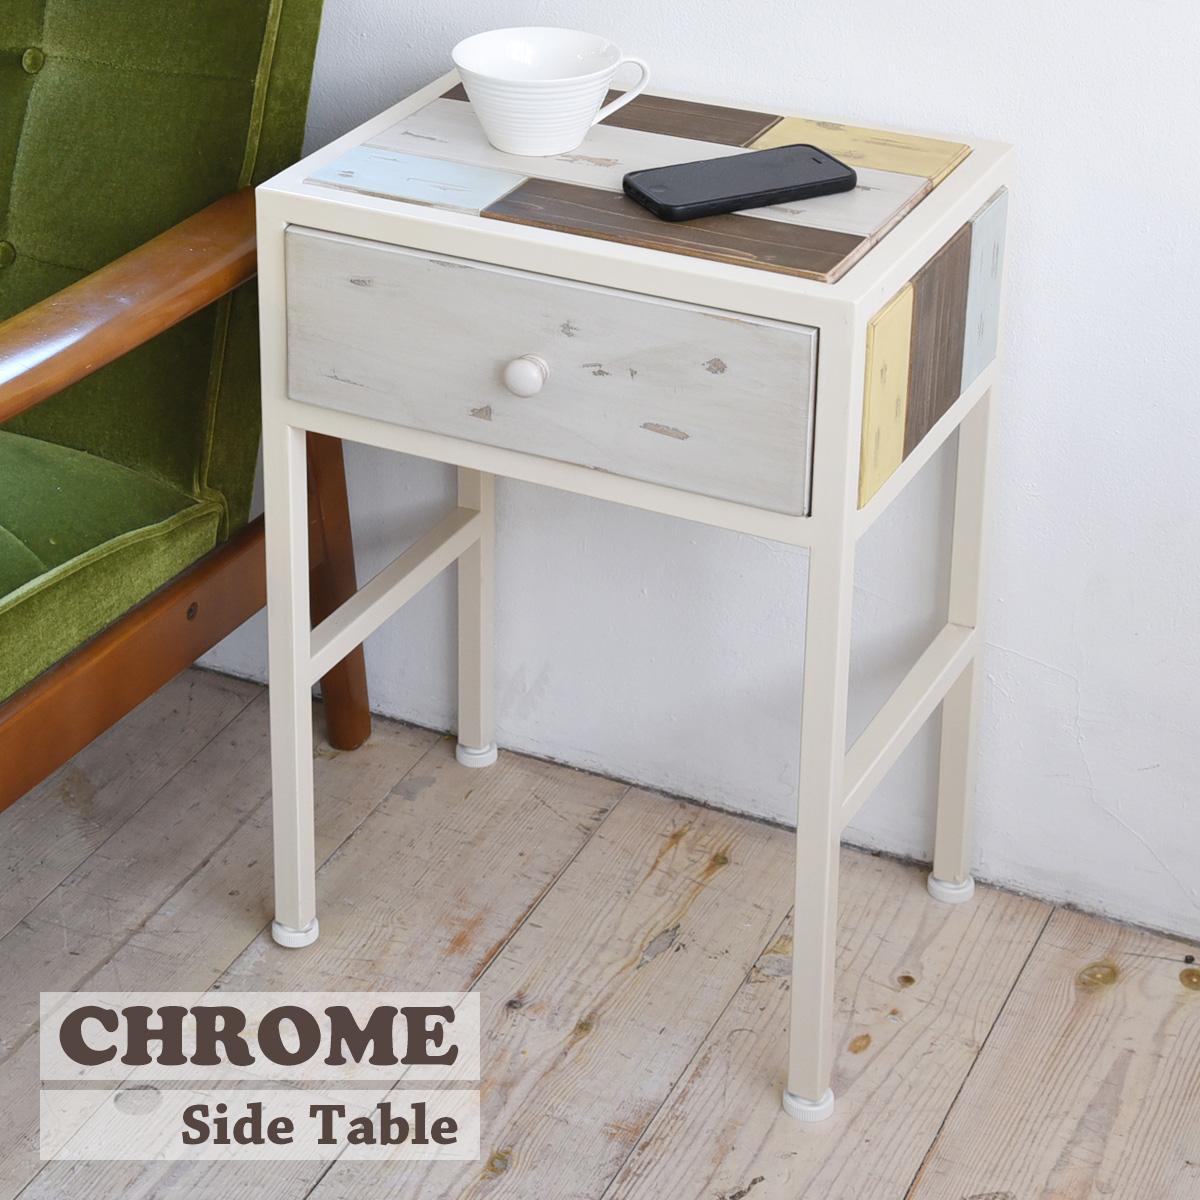 【送料無料】 【メーカー直送・代引不可】CHROME サイドテーブル